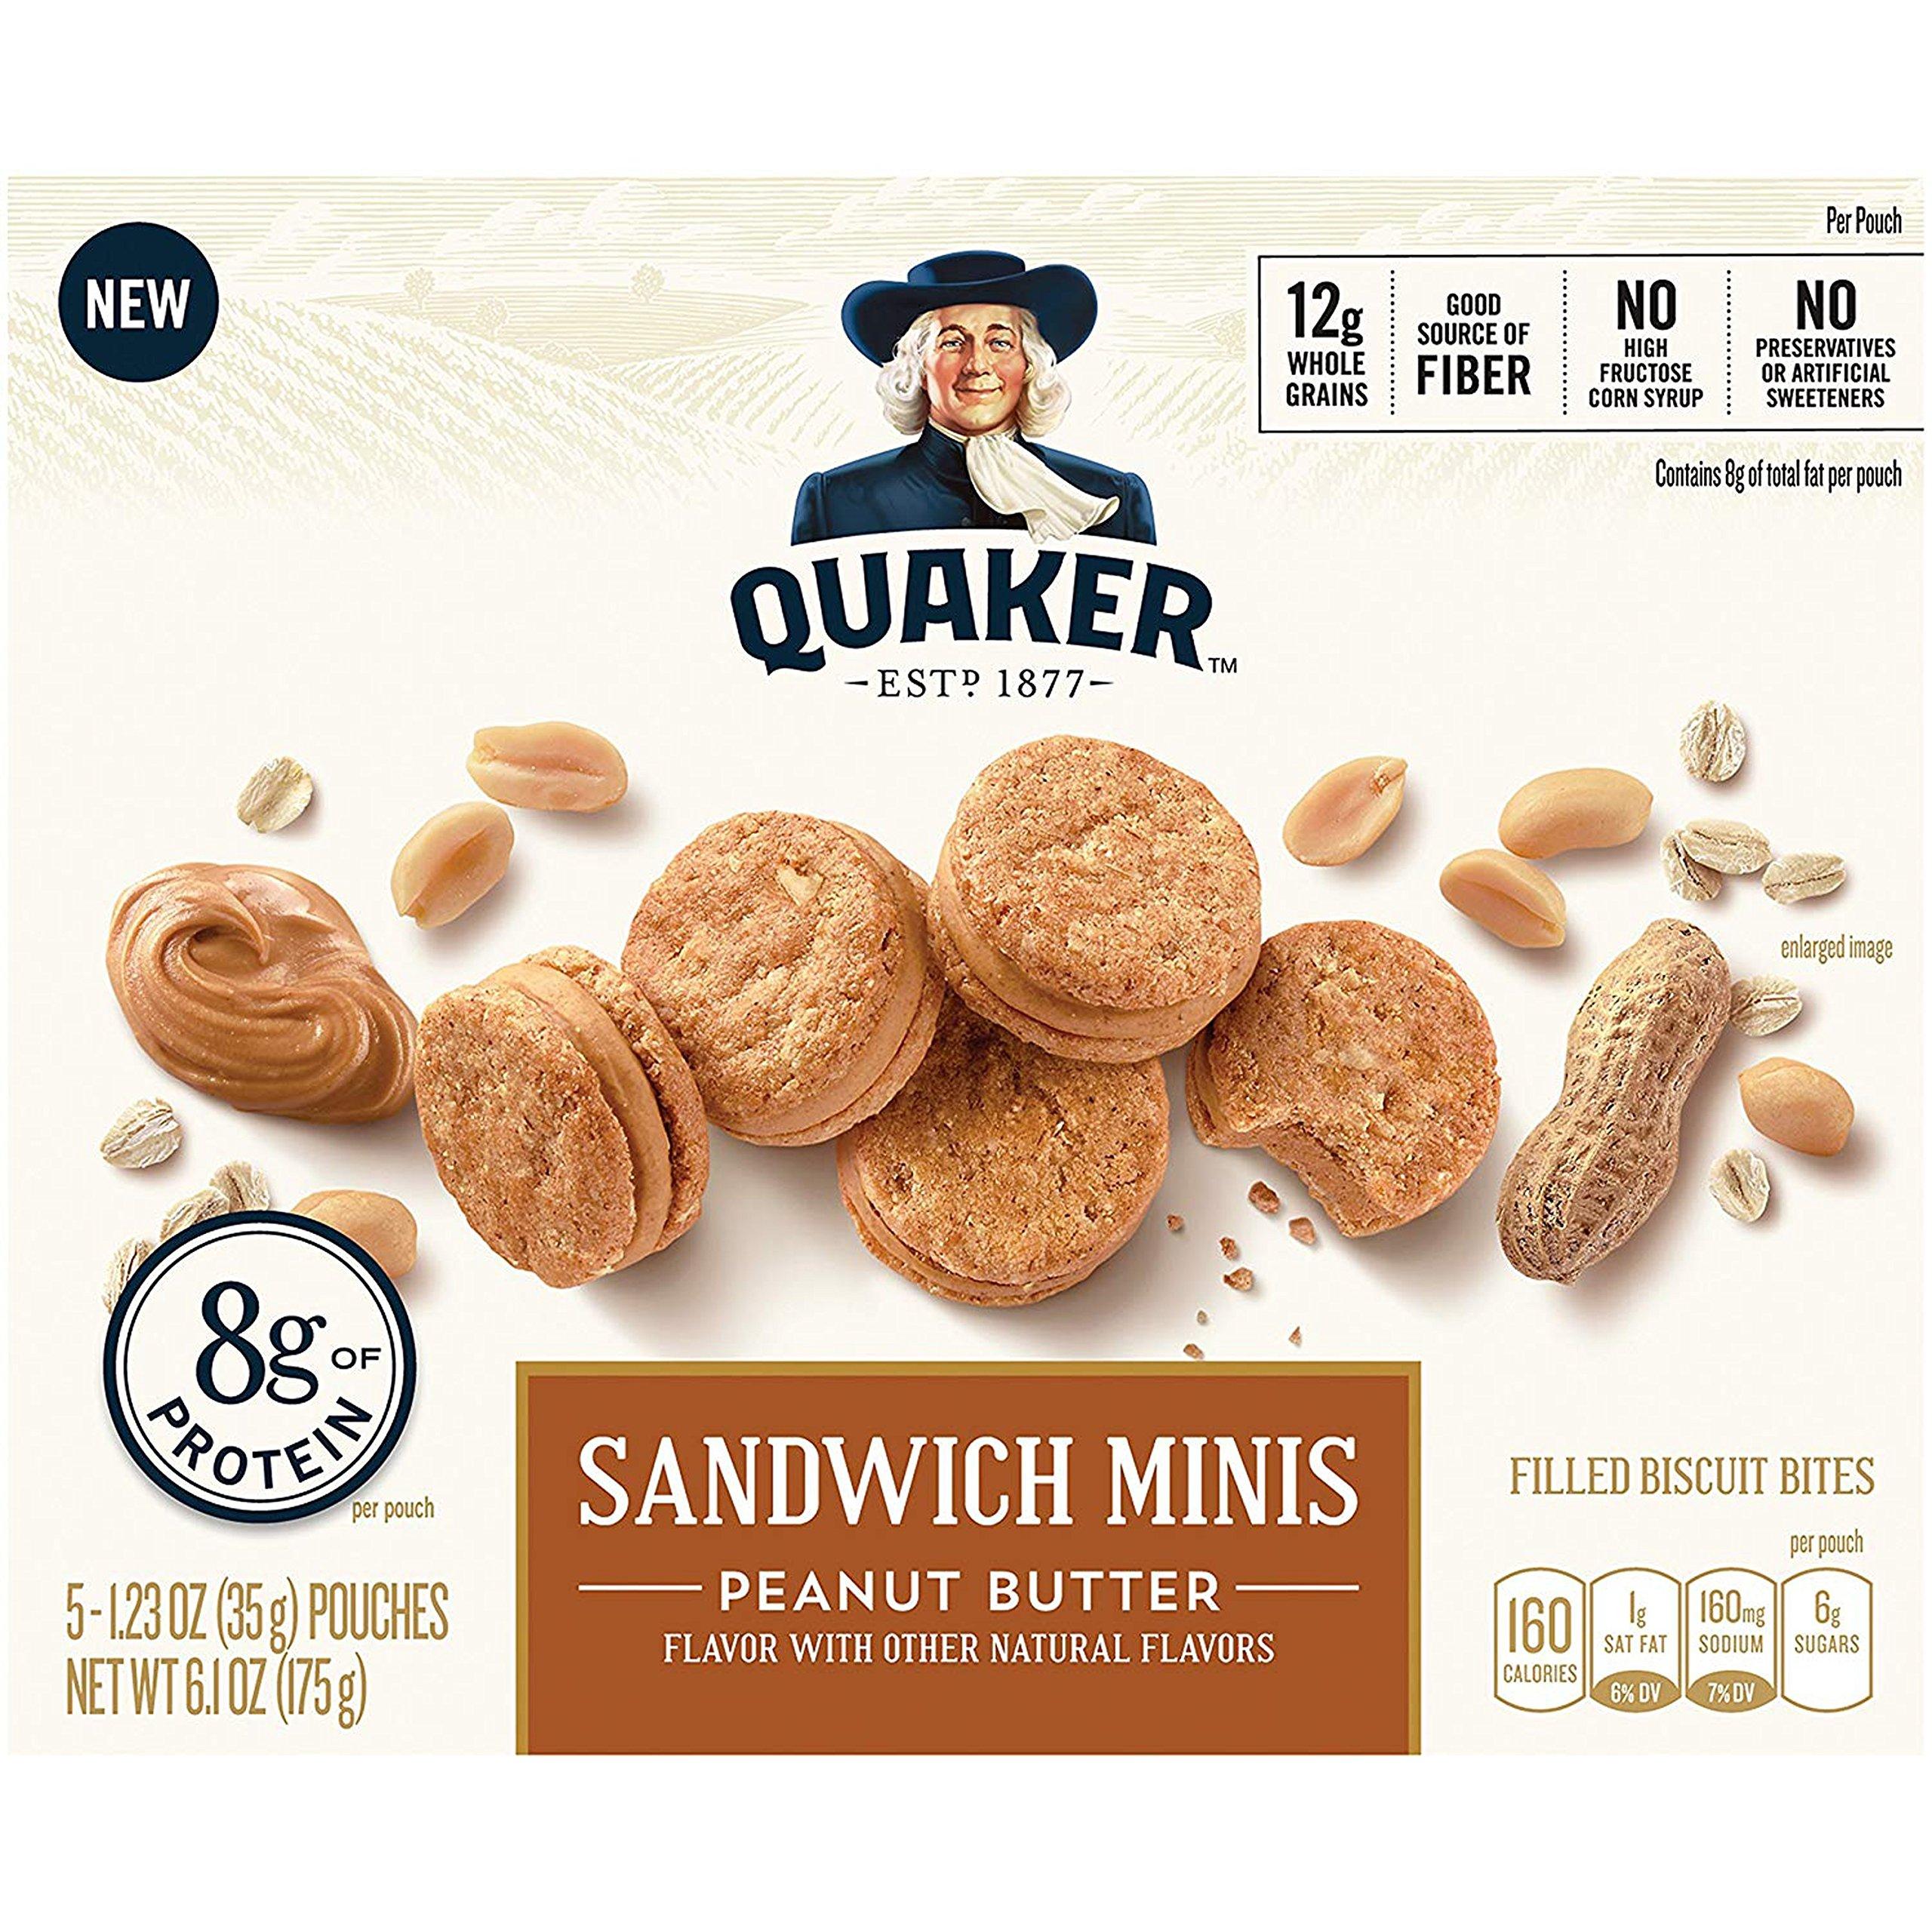 Quaker Sandwich Minis, Peanut Butter, 3.5 Pound  (6 COUNT) by Quaker